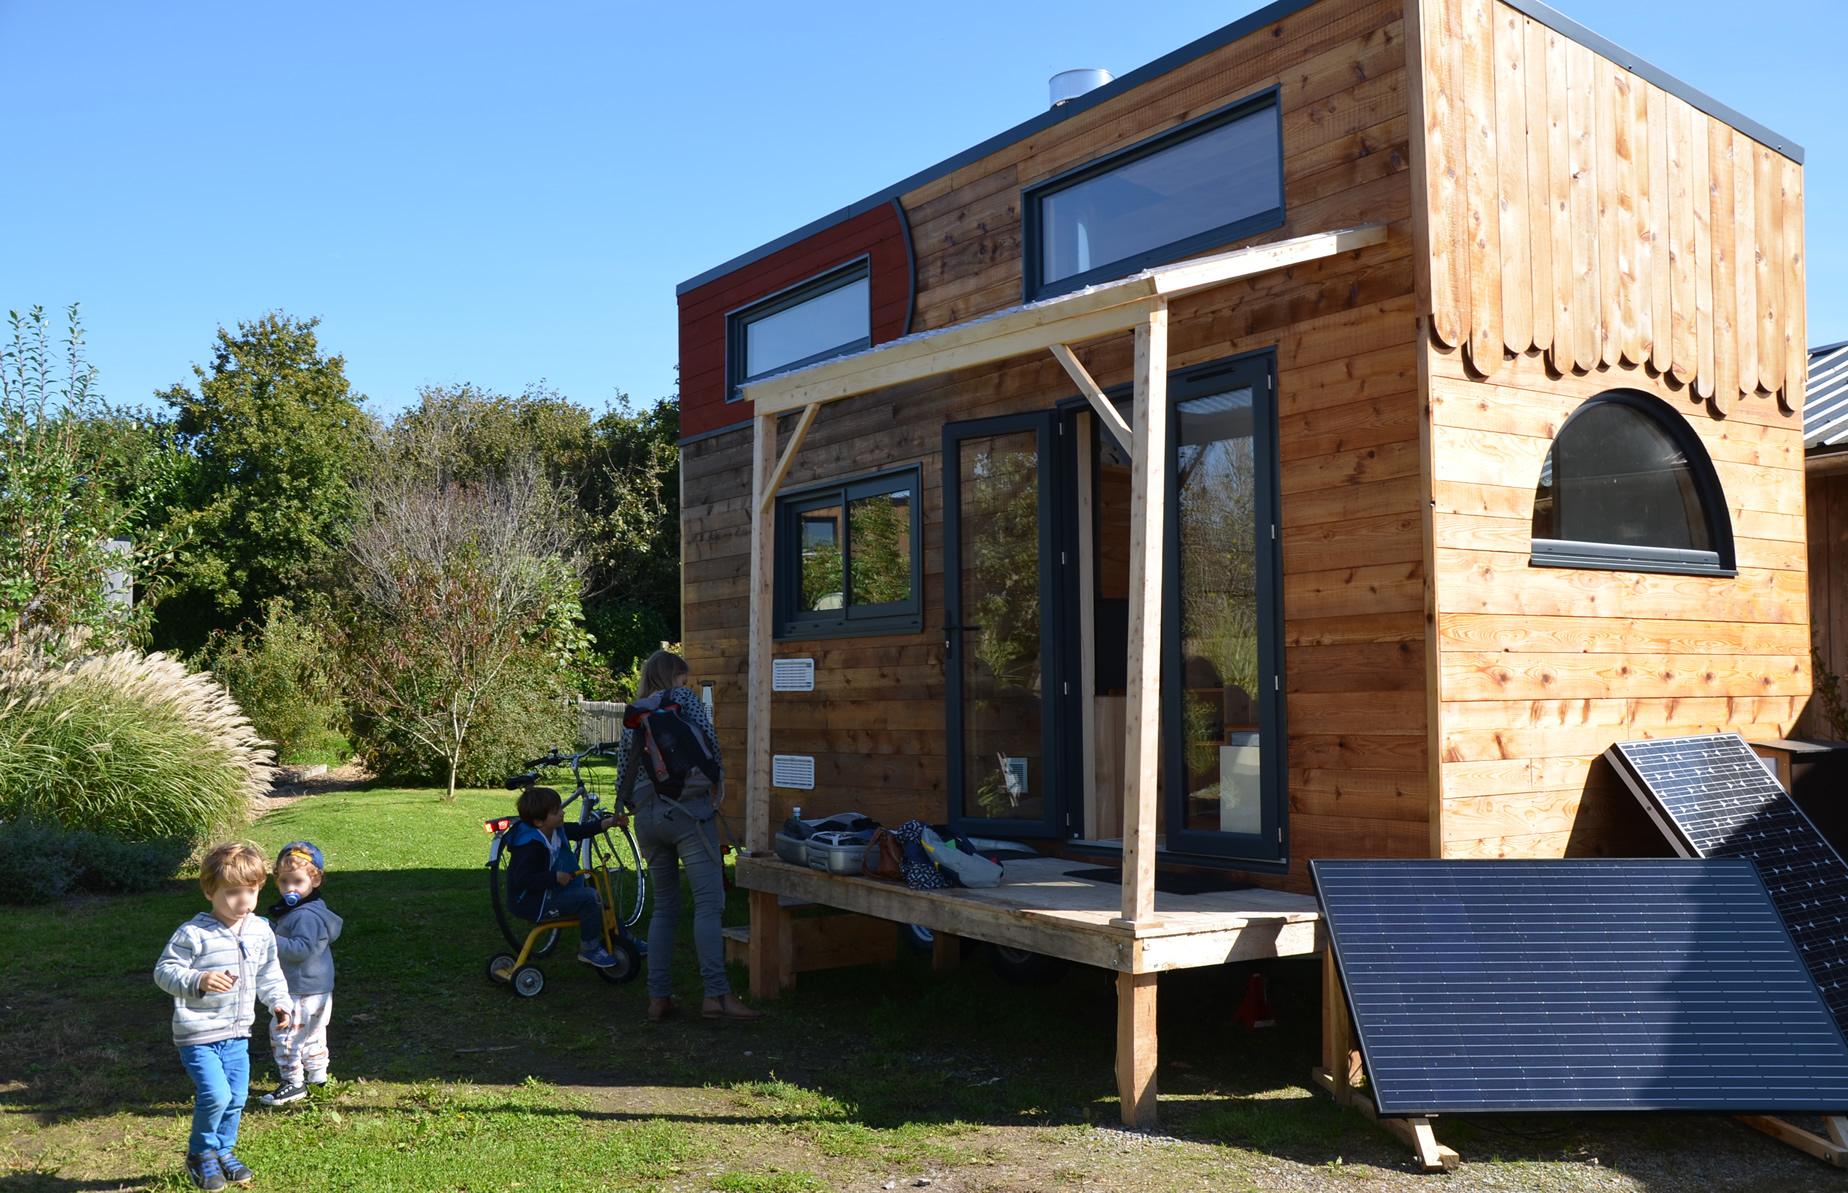 Unr tiny house autonome construite avec des matériaux écologique et du bois en circuit court